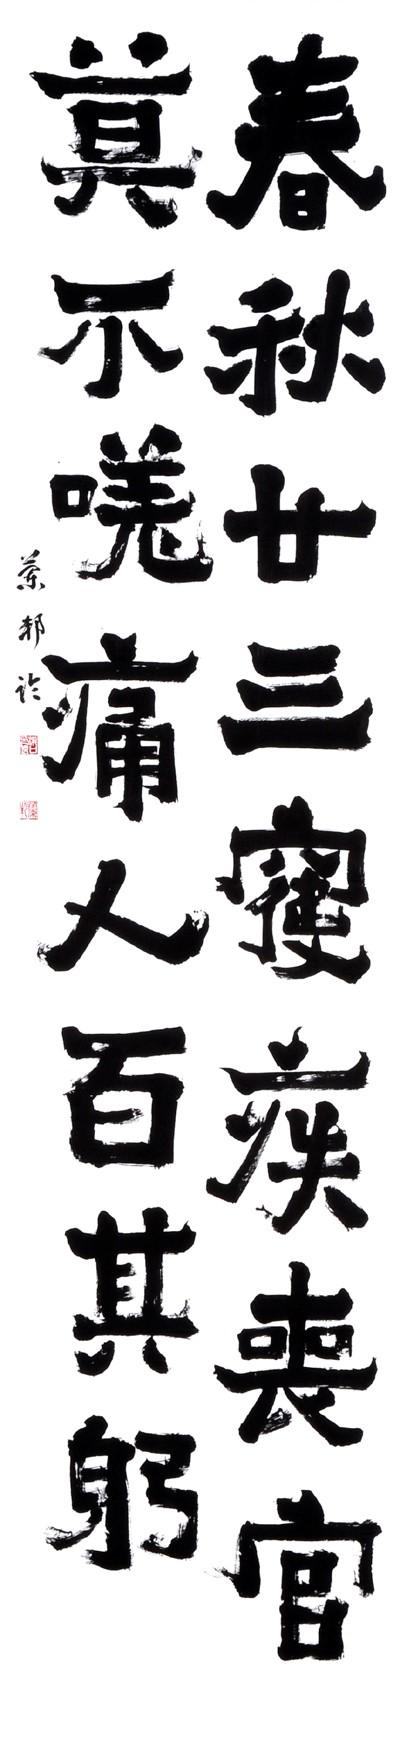 2020年【公募】第49回全書芸展 無鑑査部門 文化院大賞 滝口蘭邦